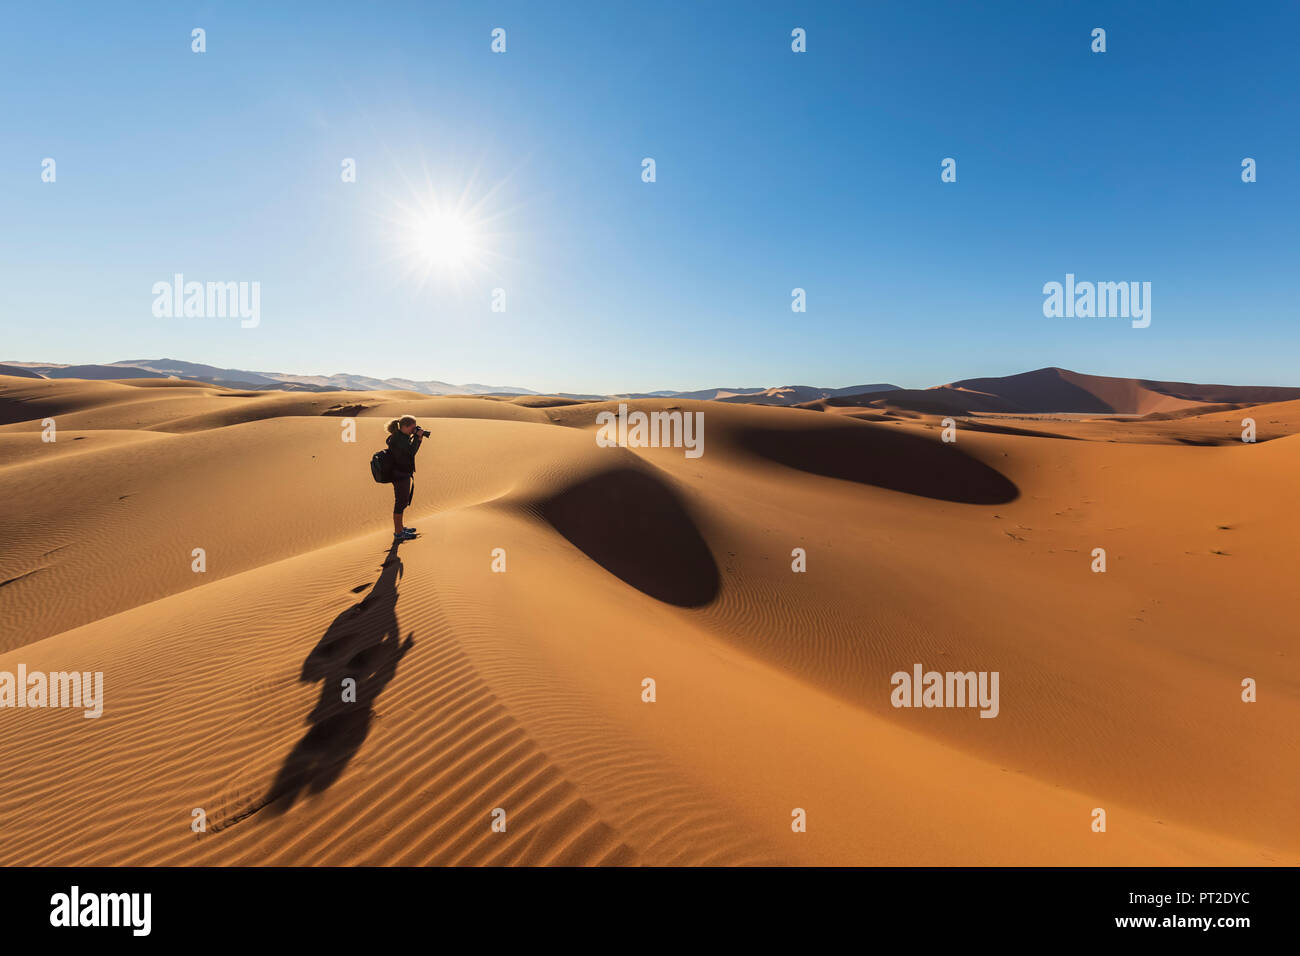 Africa, Namibia, Namib desert, Naukluft National Park, female photograper on sand dune against the sun - Stock Image